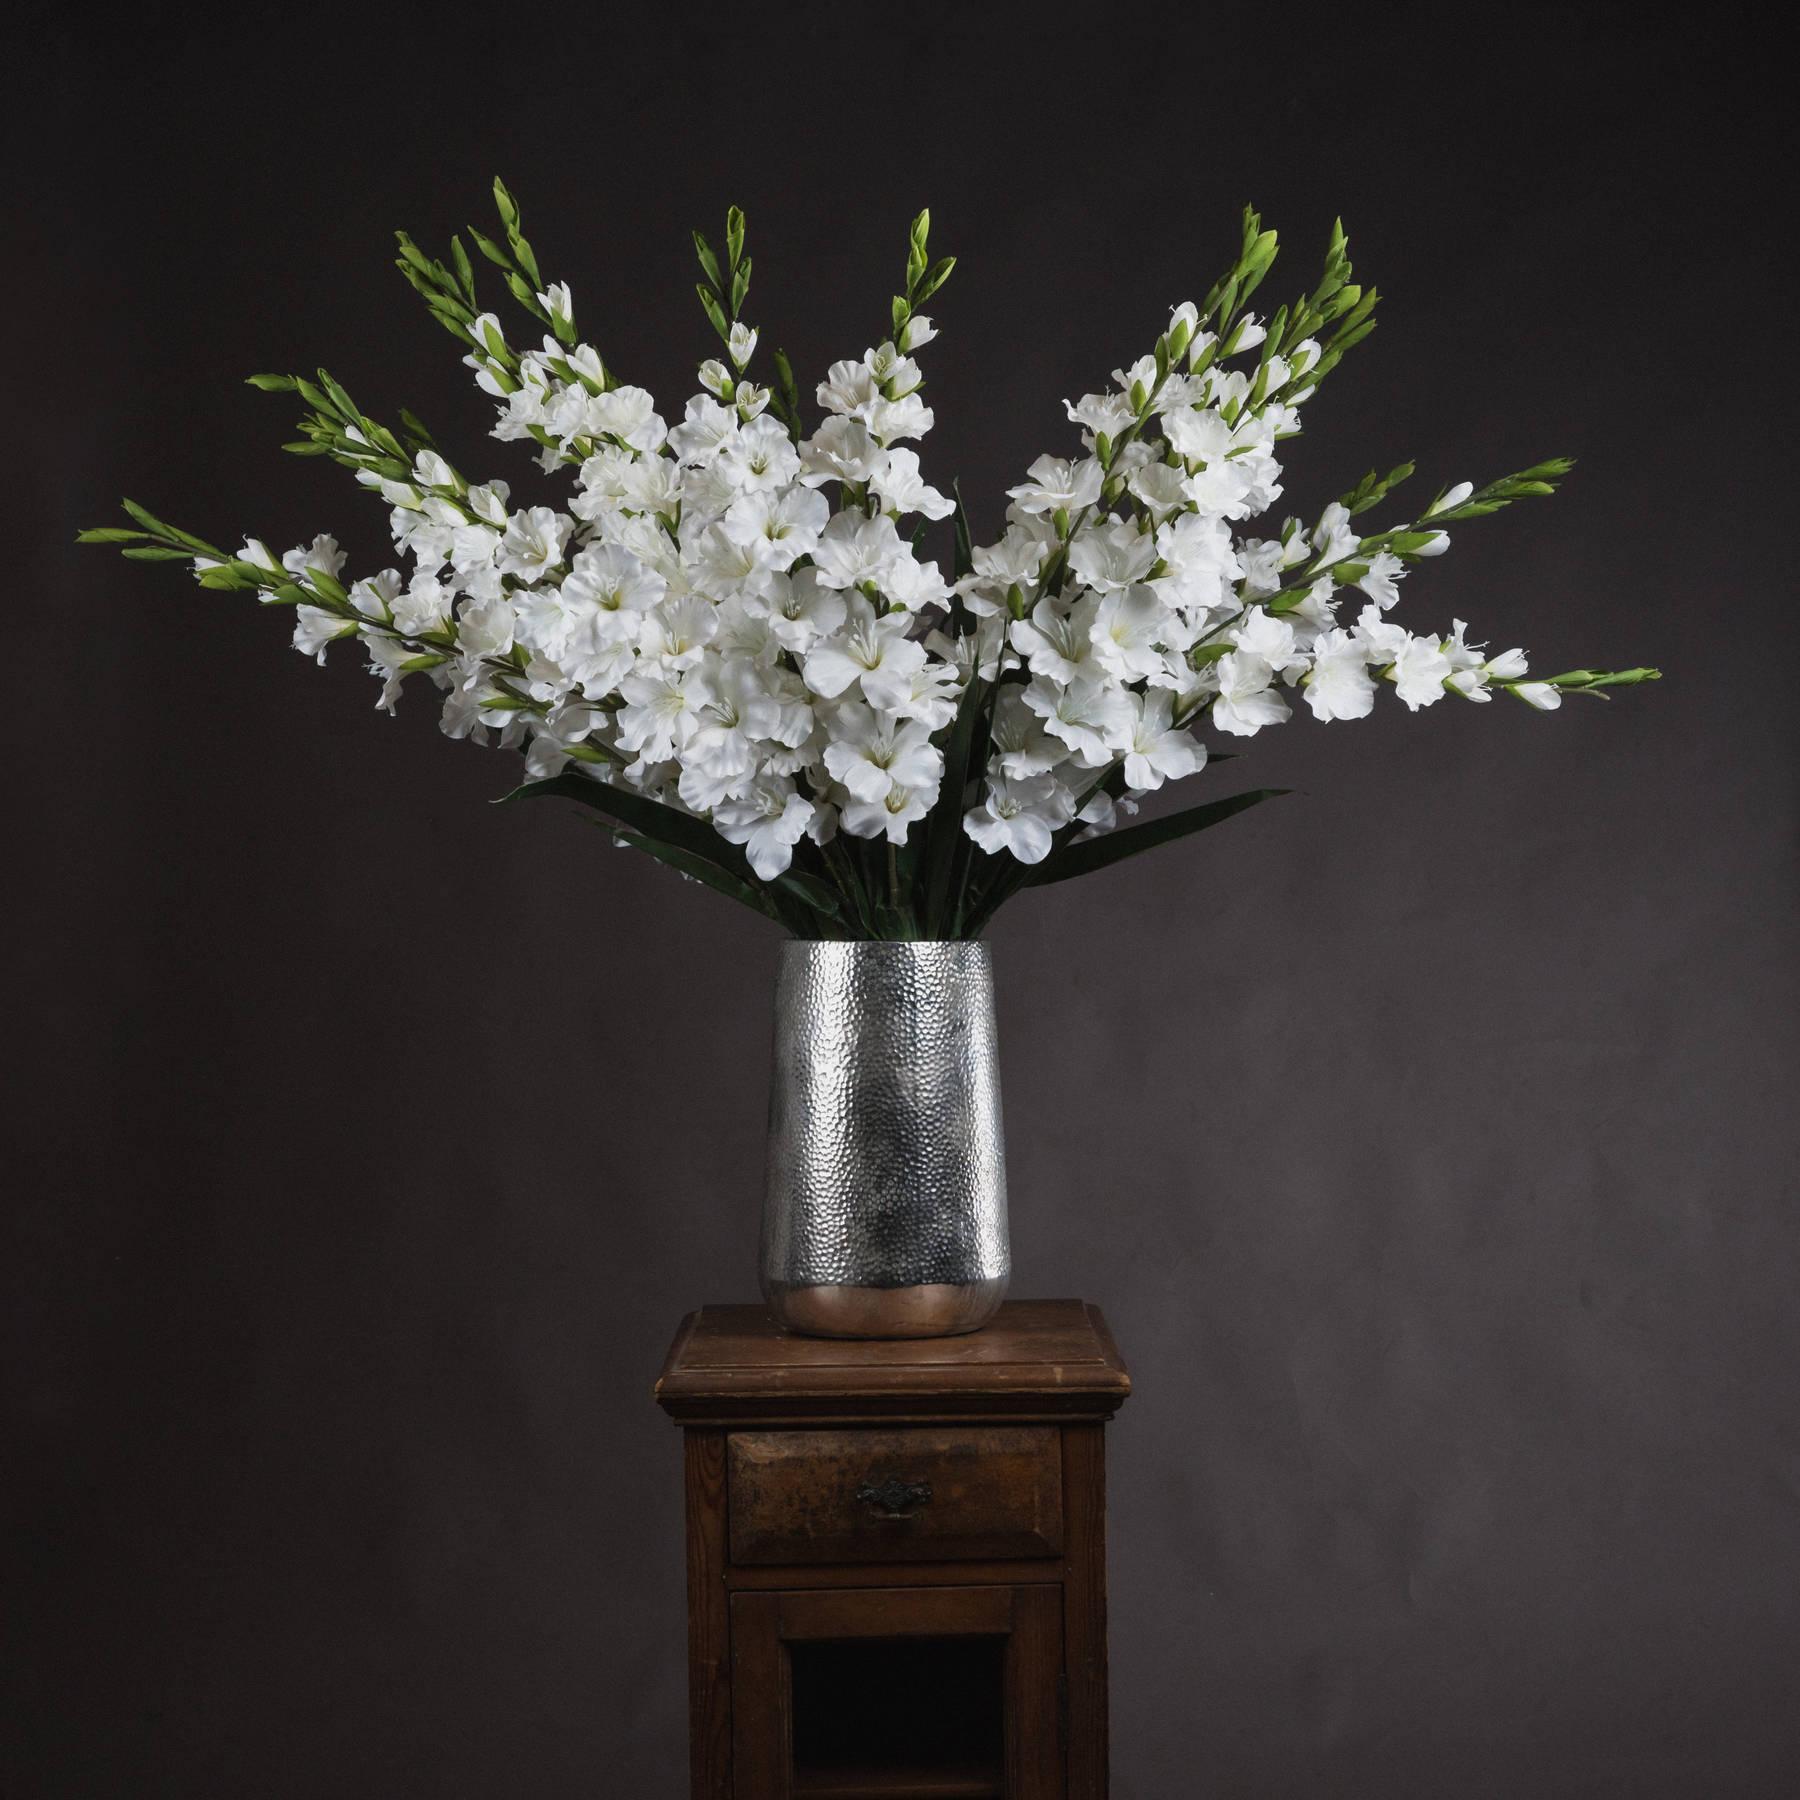 White Gladioli - Image 1